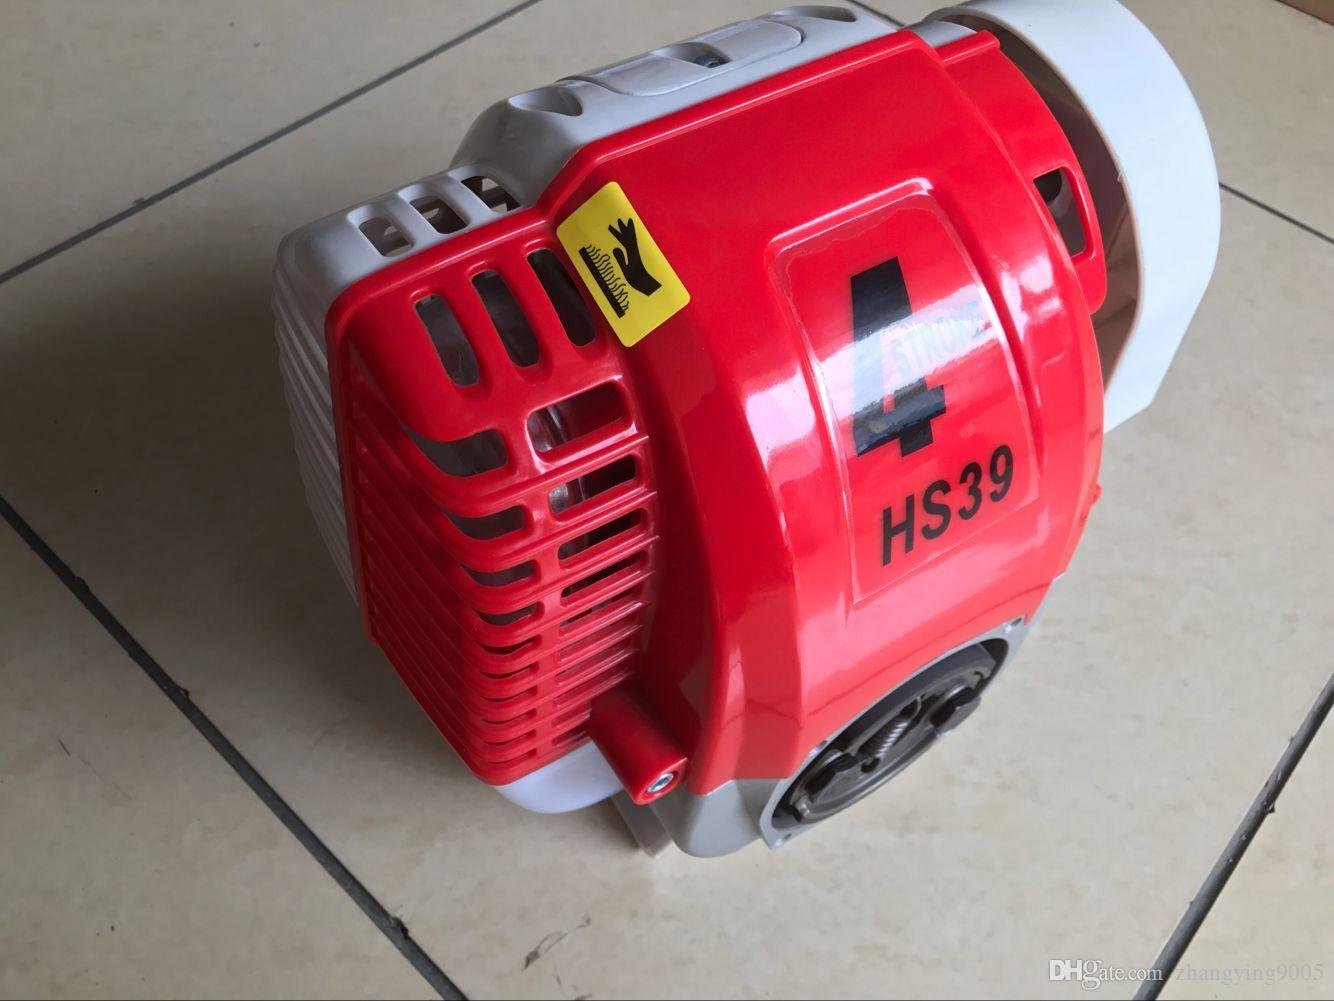 Livraison gratuite de haute qualité outils de jardin 4 coupe-herbe trimmer 139 moteur essence débroussailleuse